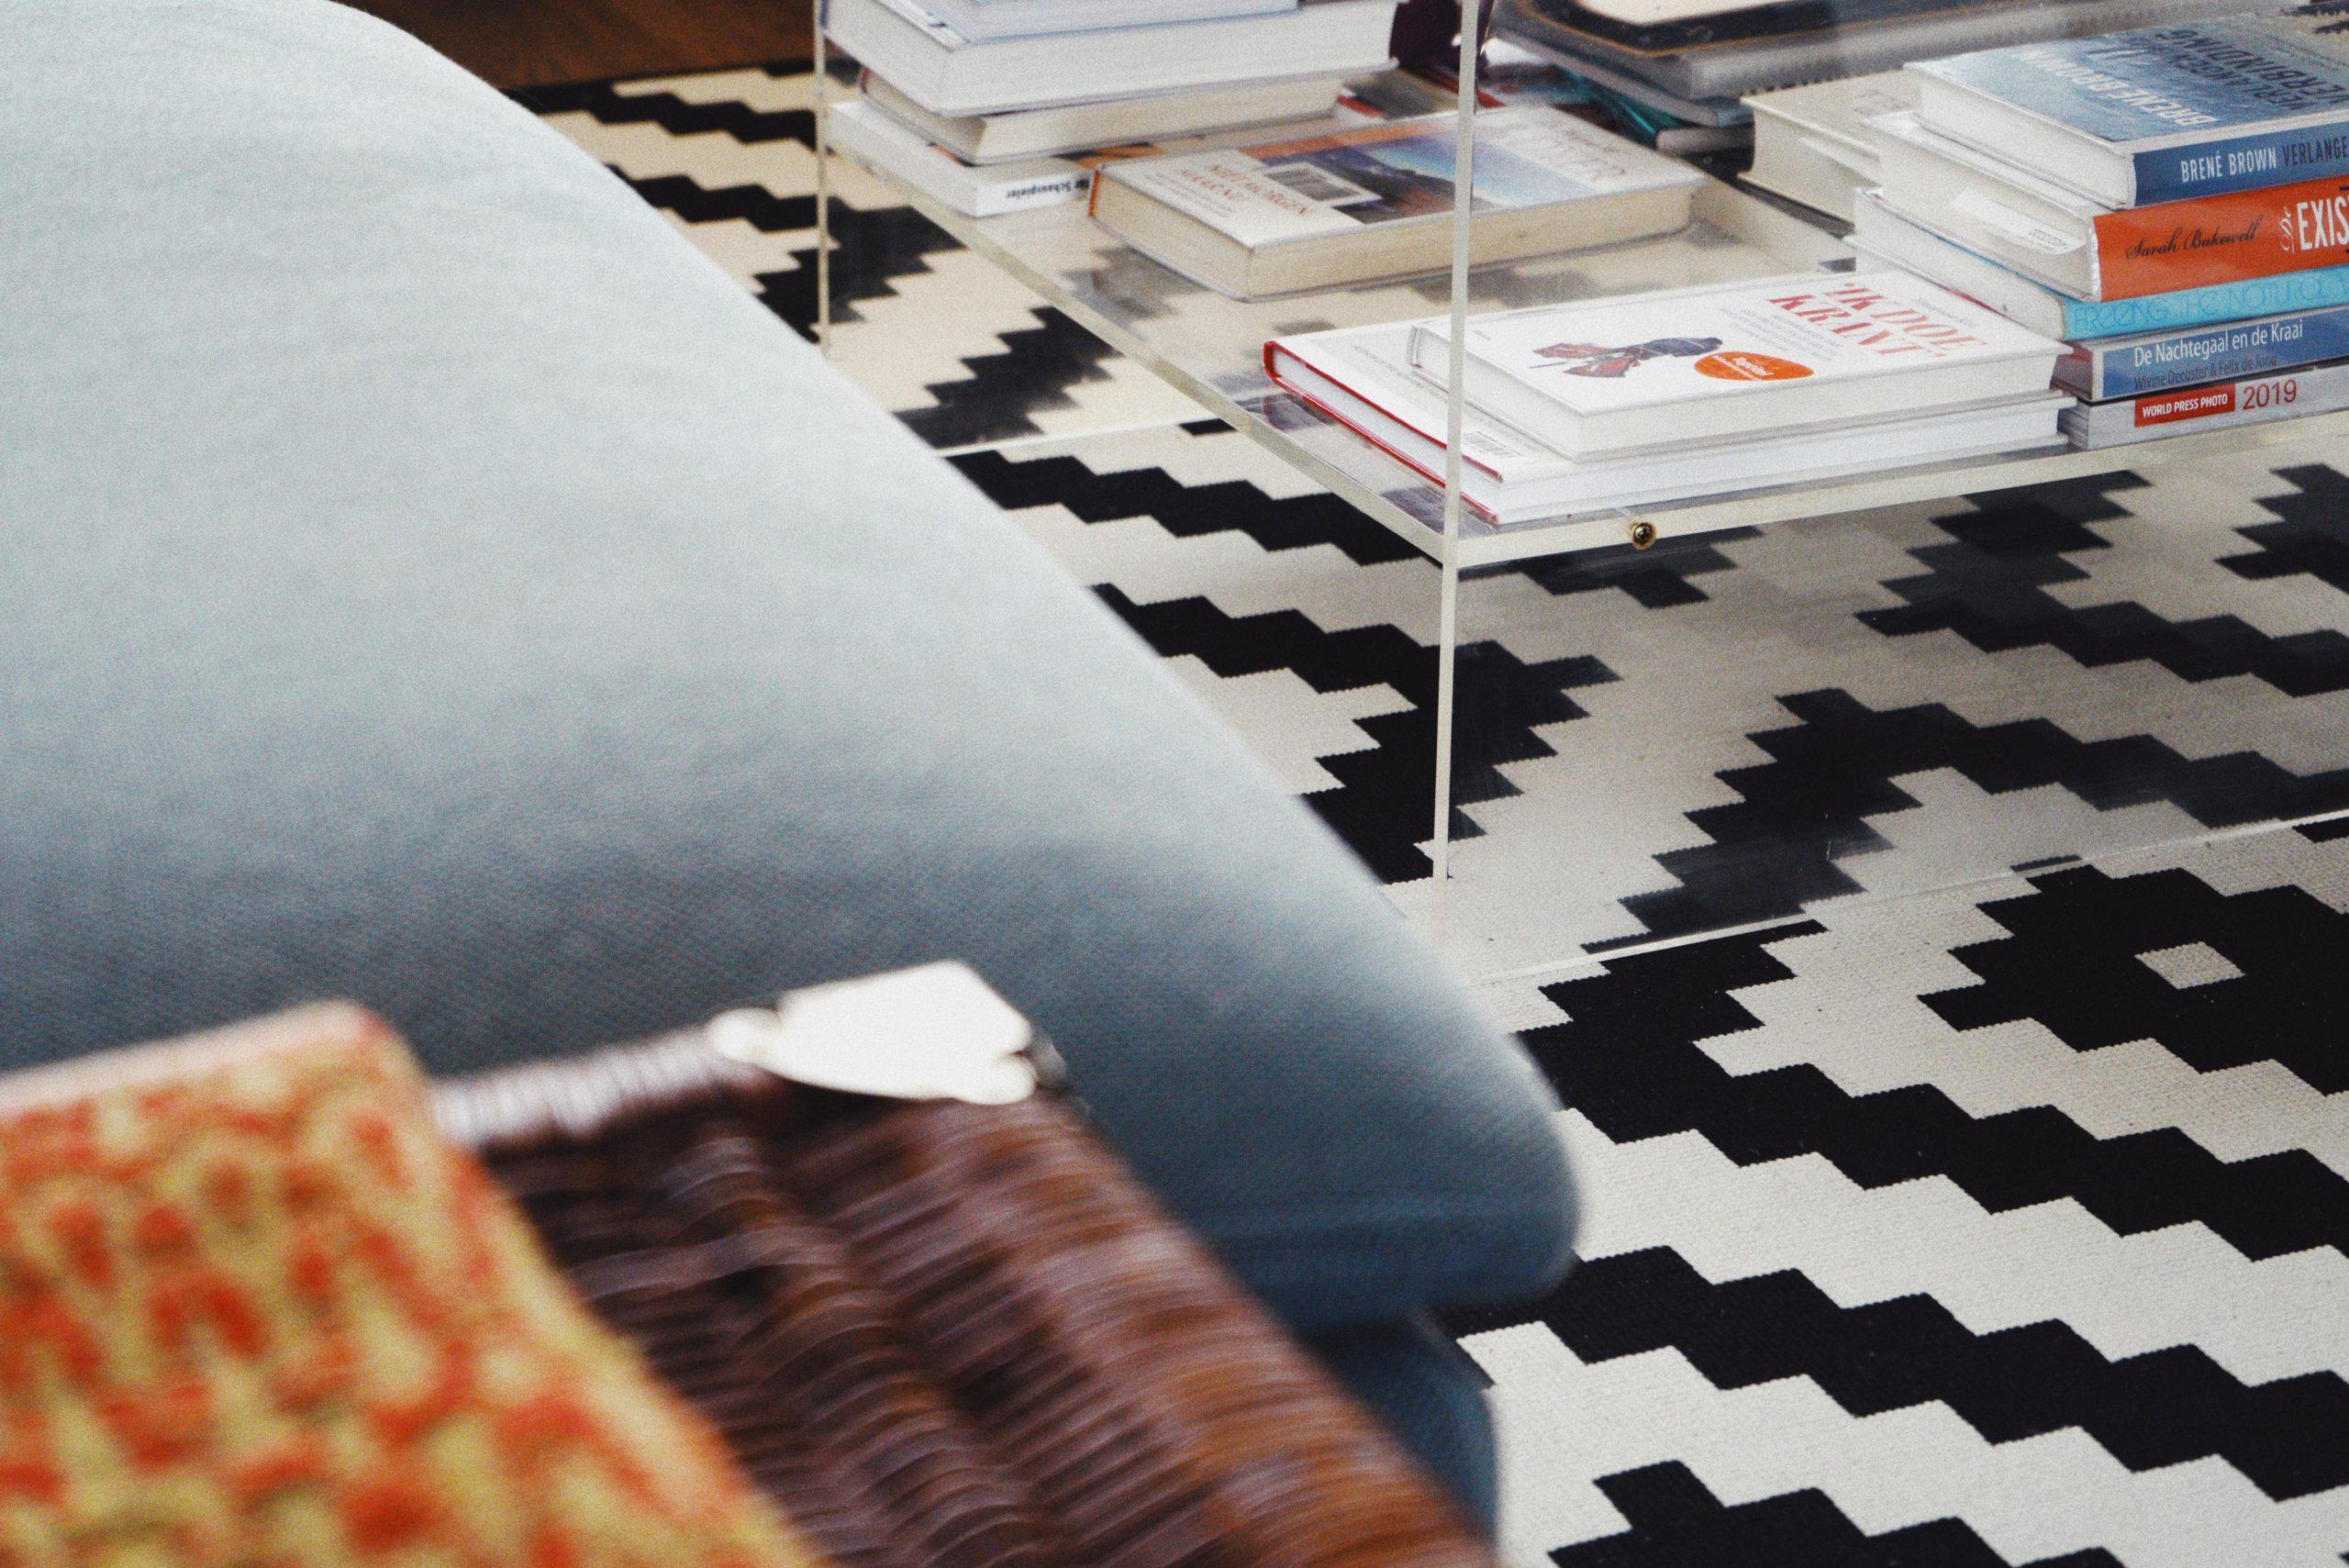 türkises sofa vor plexiglastisch mit Büchern